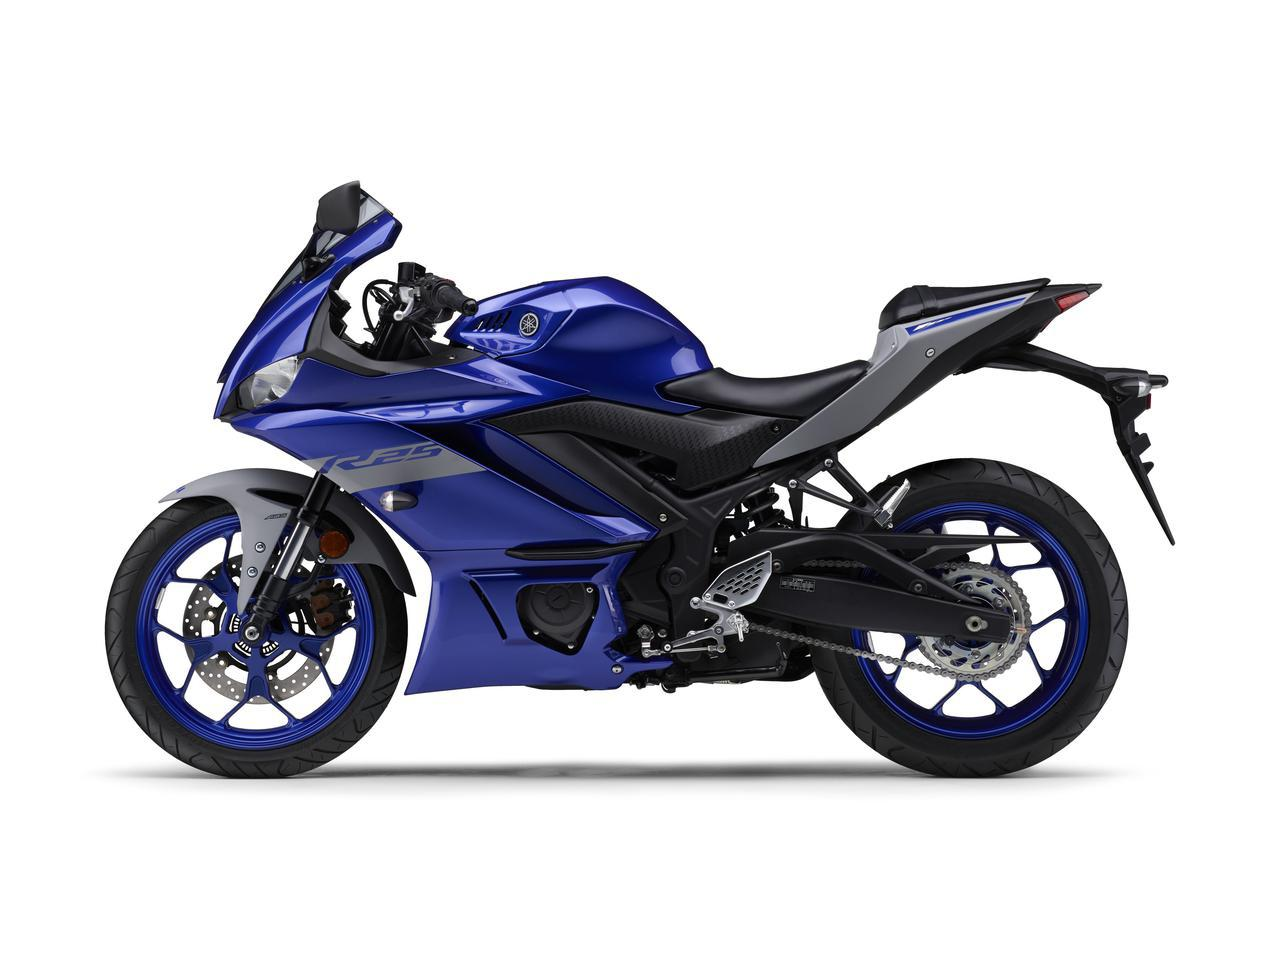 画像29: ヤマハが「YZF-R25」「YZF-R3」の2021年モデルを発売! トレンド色のシアンを初採用